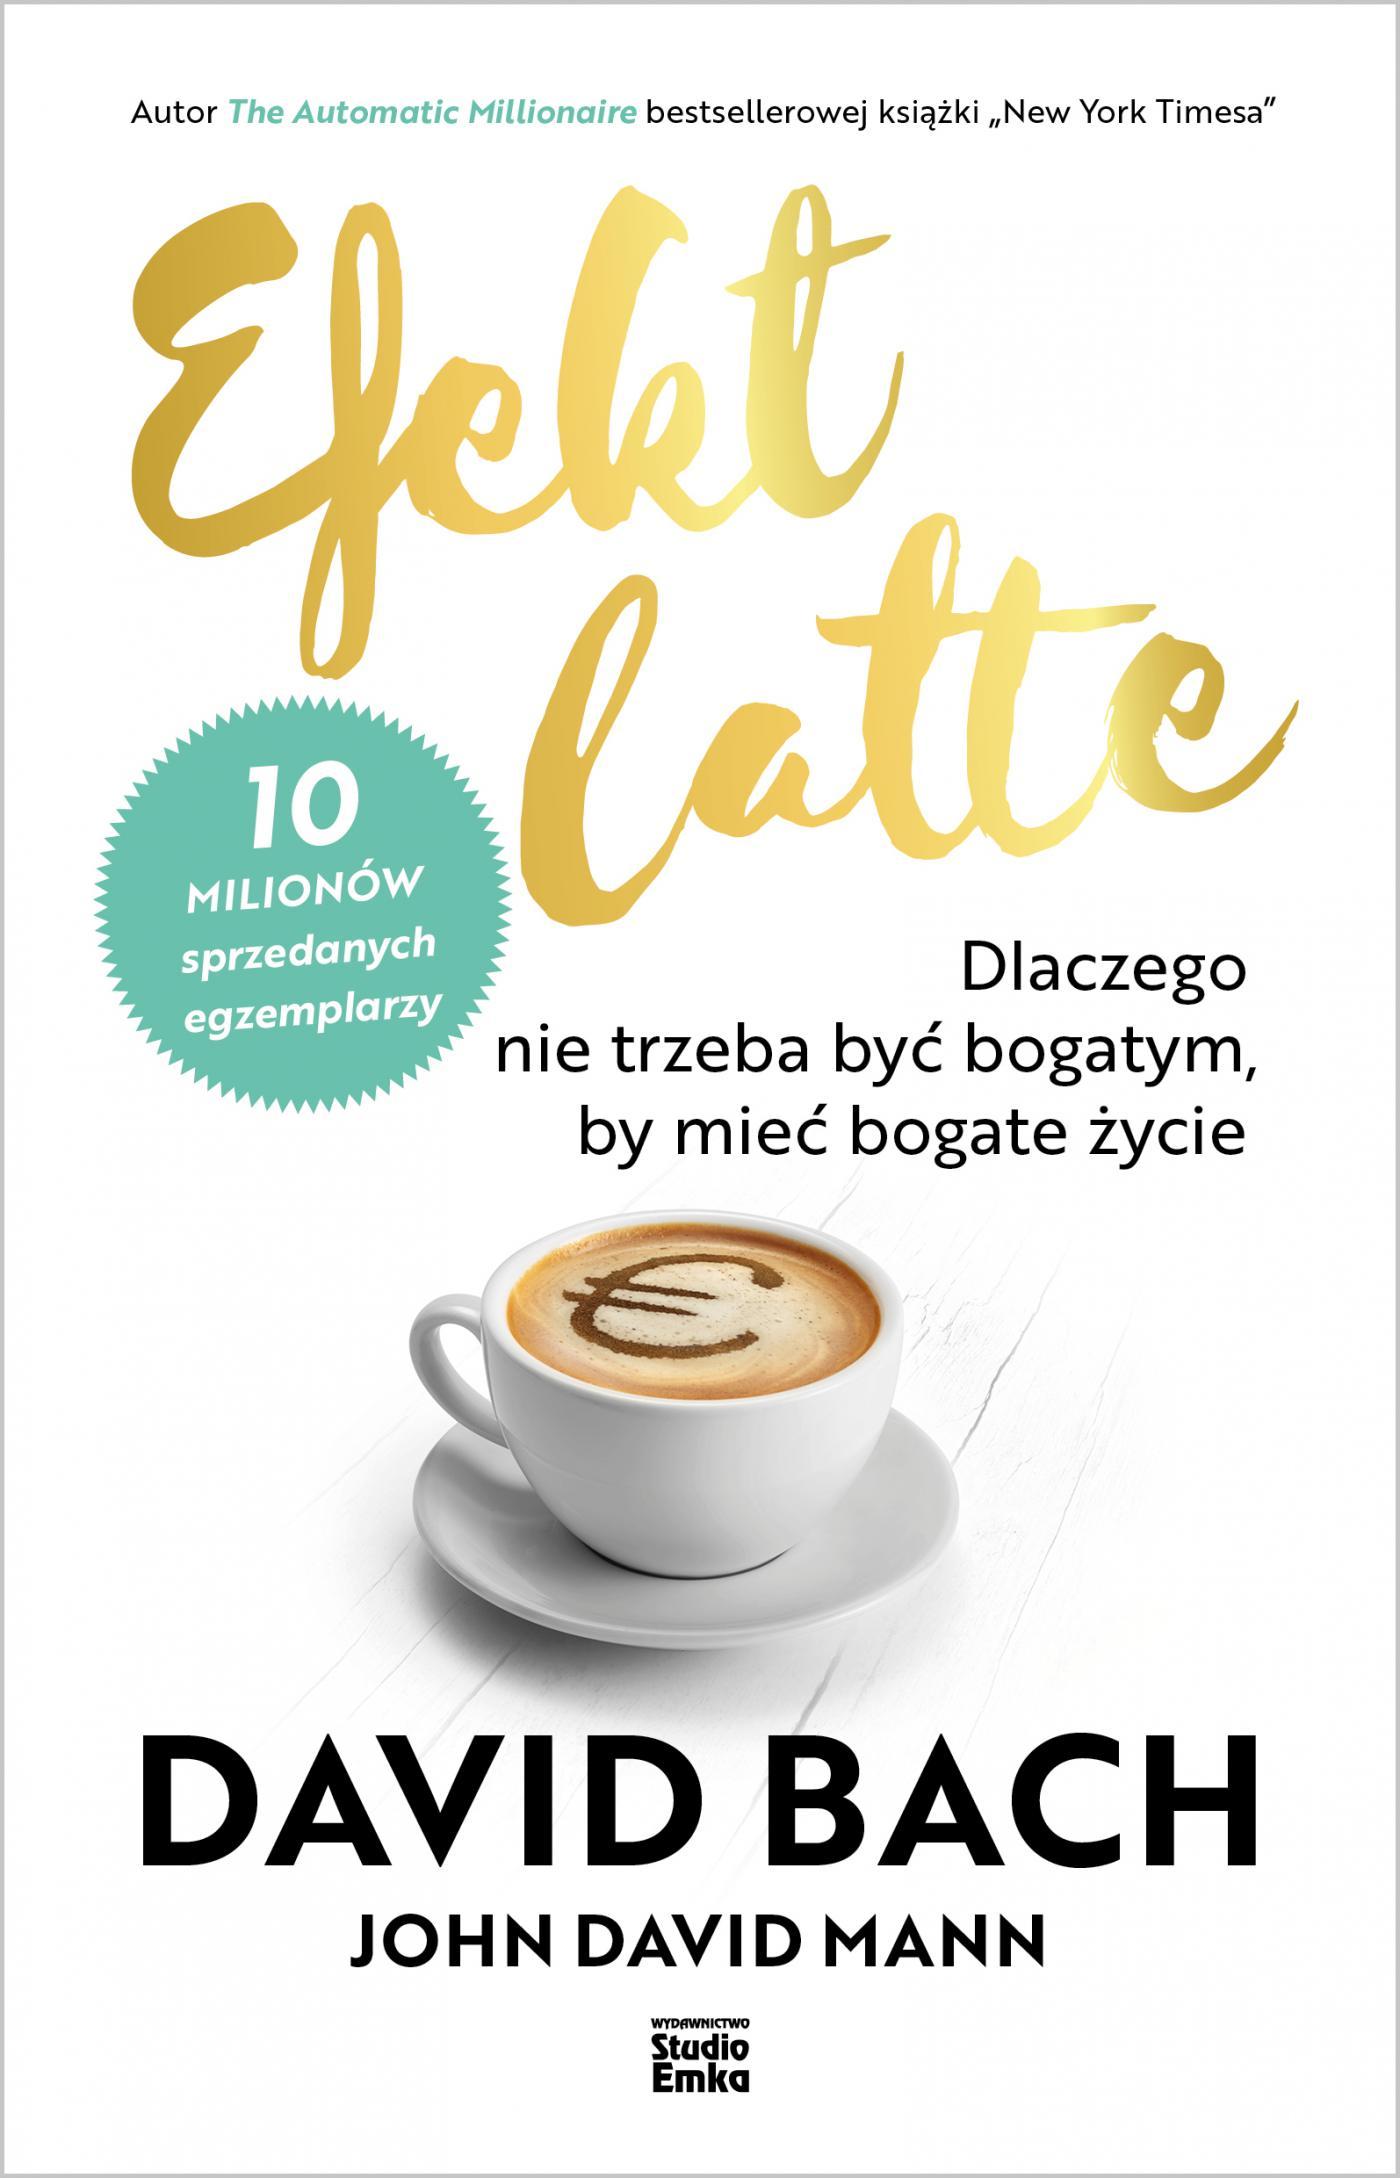 Efekt latte. Dlaczego nie trzeba być bogatym, by mieć bogate życie - Ebook (Książka EPUB) do pobrania w formacie EPUB